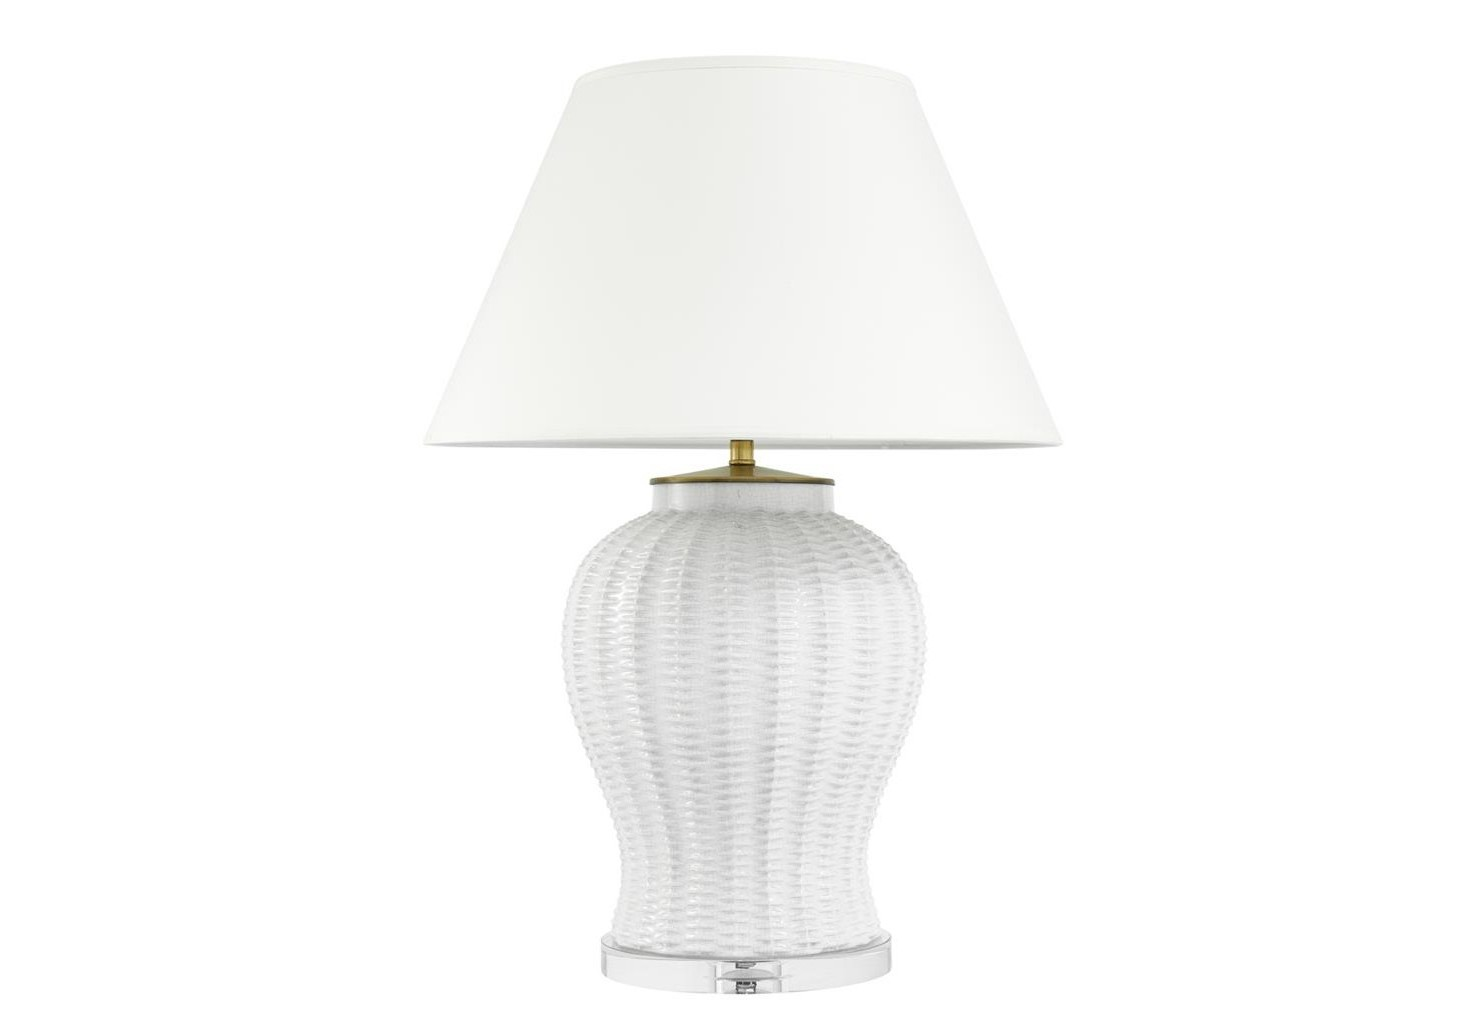 Настольная лампаДекоративные лампы<br>Настольная лампа Table Lamp Fort Meyers с вазой из керамики белого цвета. Текстильный белый абажур скрывает лампу&amp;lt;div&amp;gt;&amp;lt;br&amp;gt;&amp;lt;/div&amp;gt;&amp;lt;div&amp;gt;&amp;lt;div&amp;gt;Тип цоколя: E27&amp;lt;/div&amp;gt;&amp;lt;div&amp;gt;Мощность: 60W&amp;lt;/div&amp;gt;&amp;lt;div&amp;gt;Кол-во ламп: 1 (нет в комплекте)&amp;lt;/div&amp;gt;&amp;lt;/div&amp;gt;<br><br>Material: Керамика<br>Высота см: 80